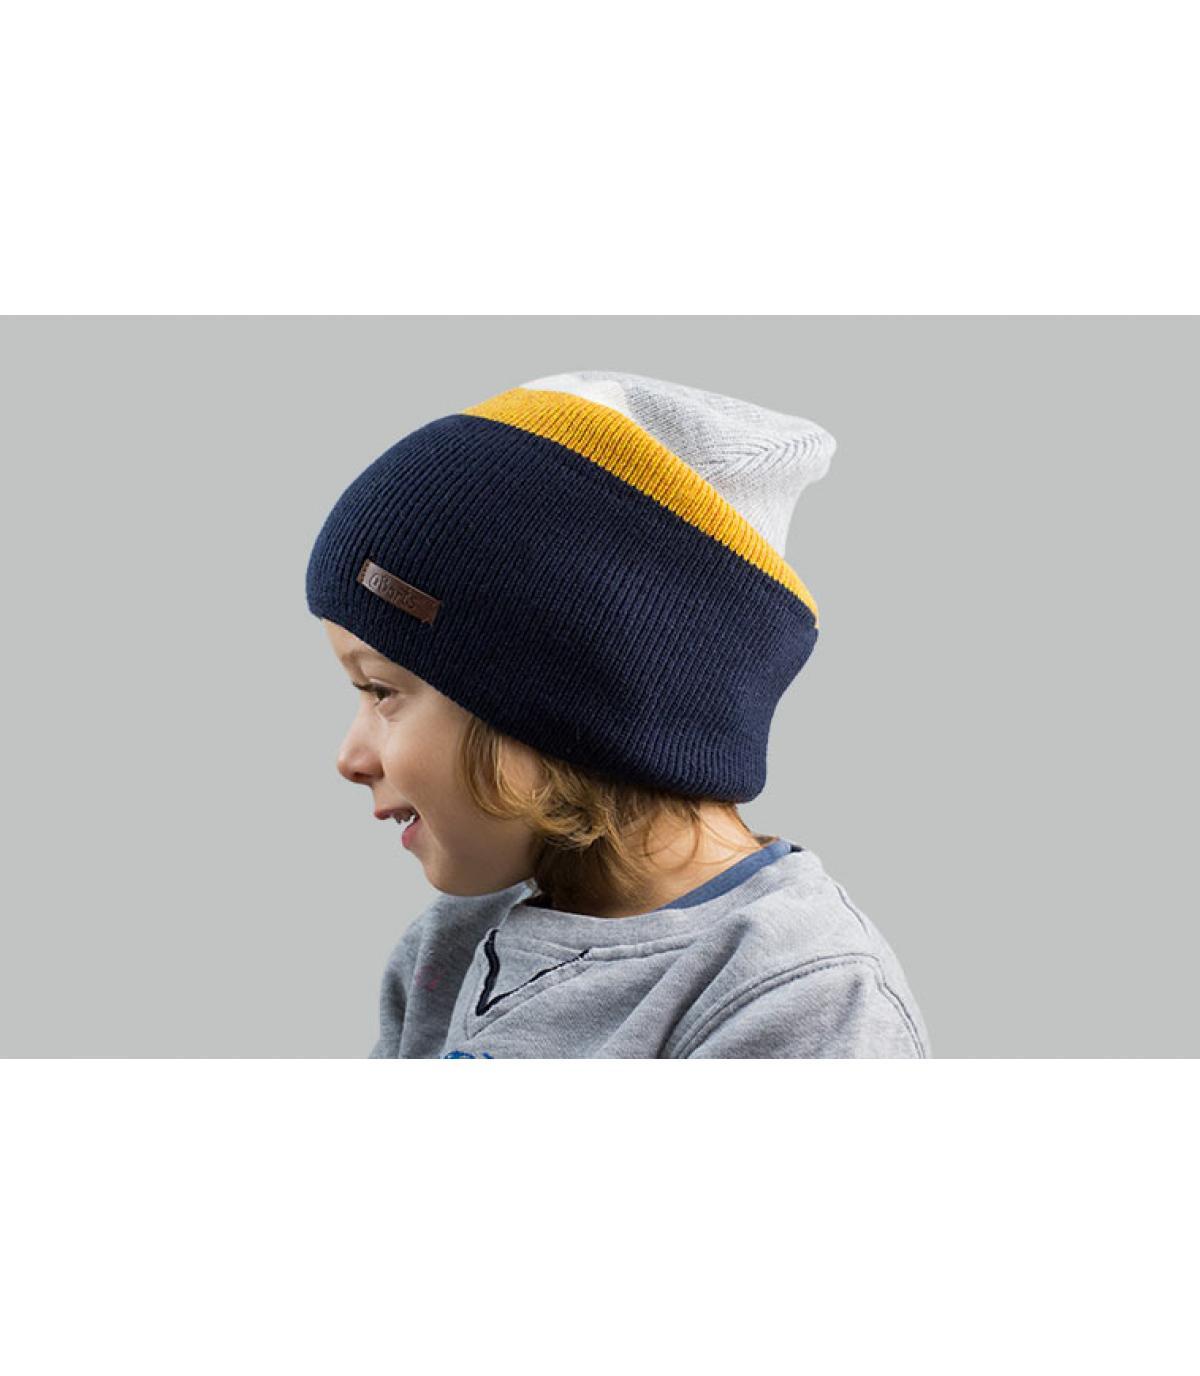 Kinder Mütze blau gelb